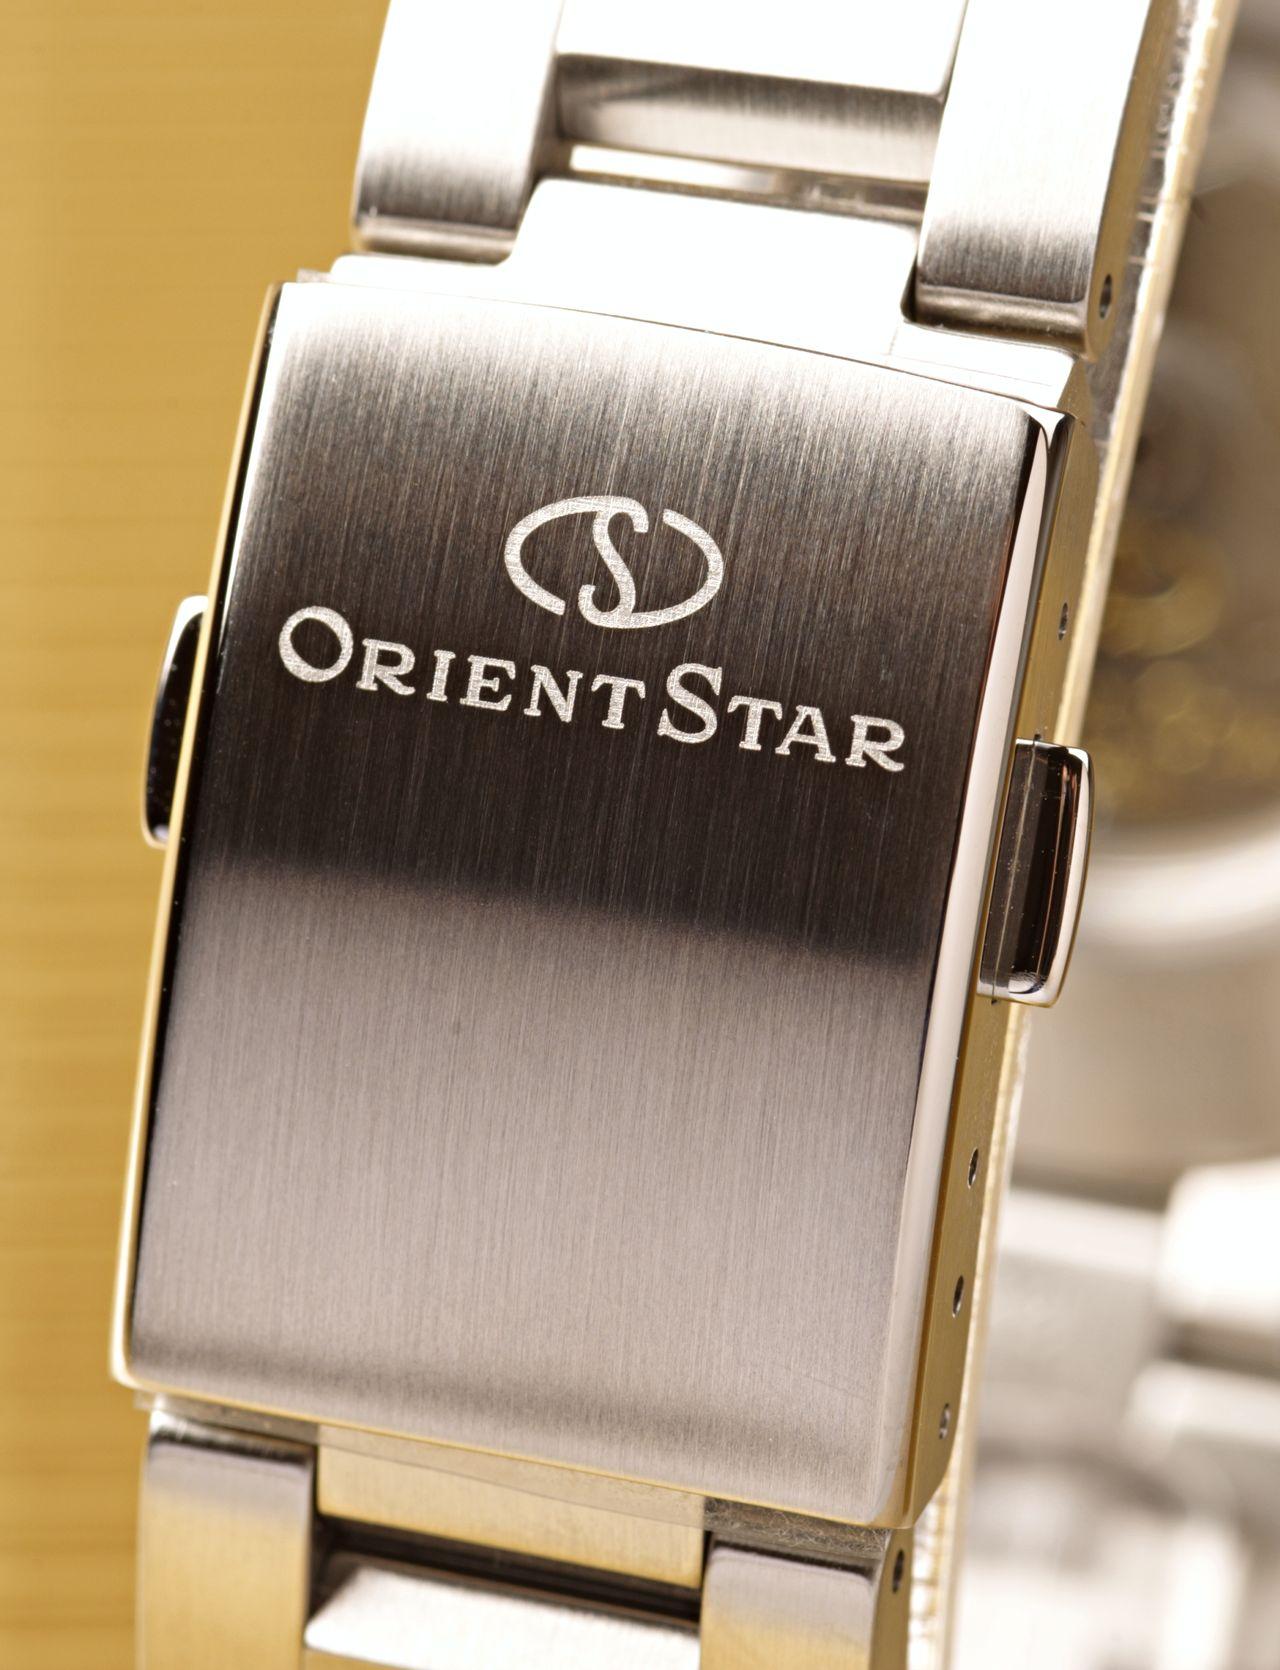 Orient Star Basic Date - szép részletek, bárcsak ne lemez lenne / Fotó: Venicz Áron